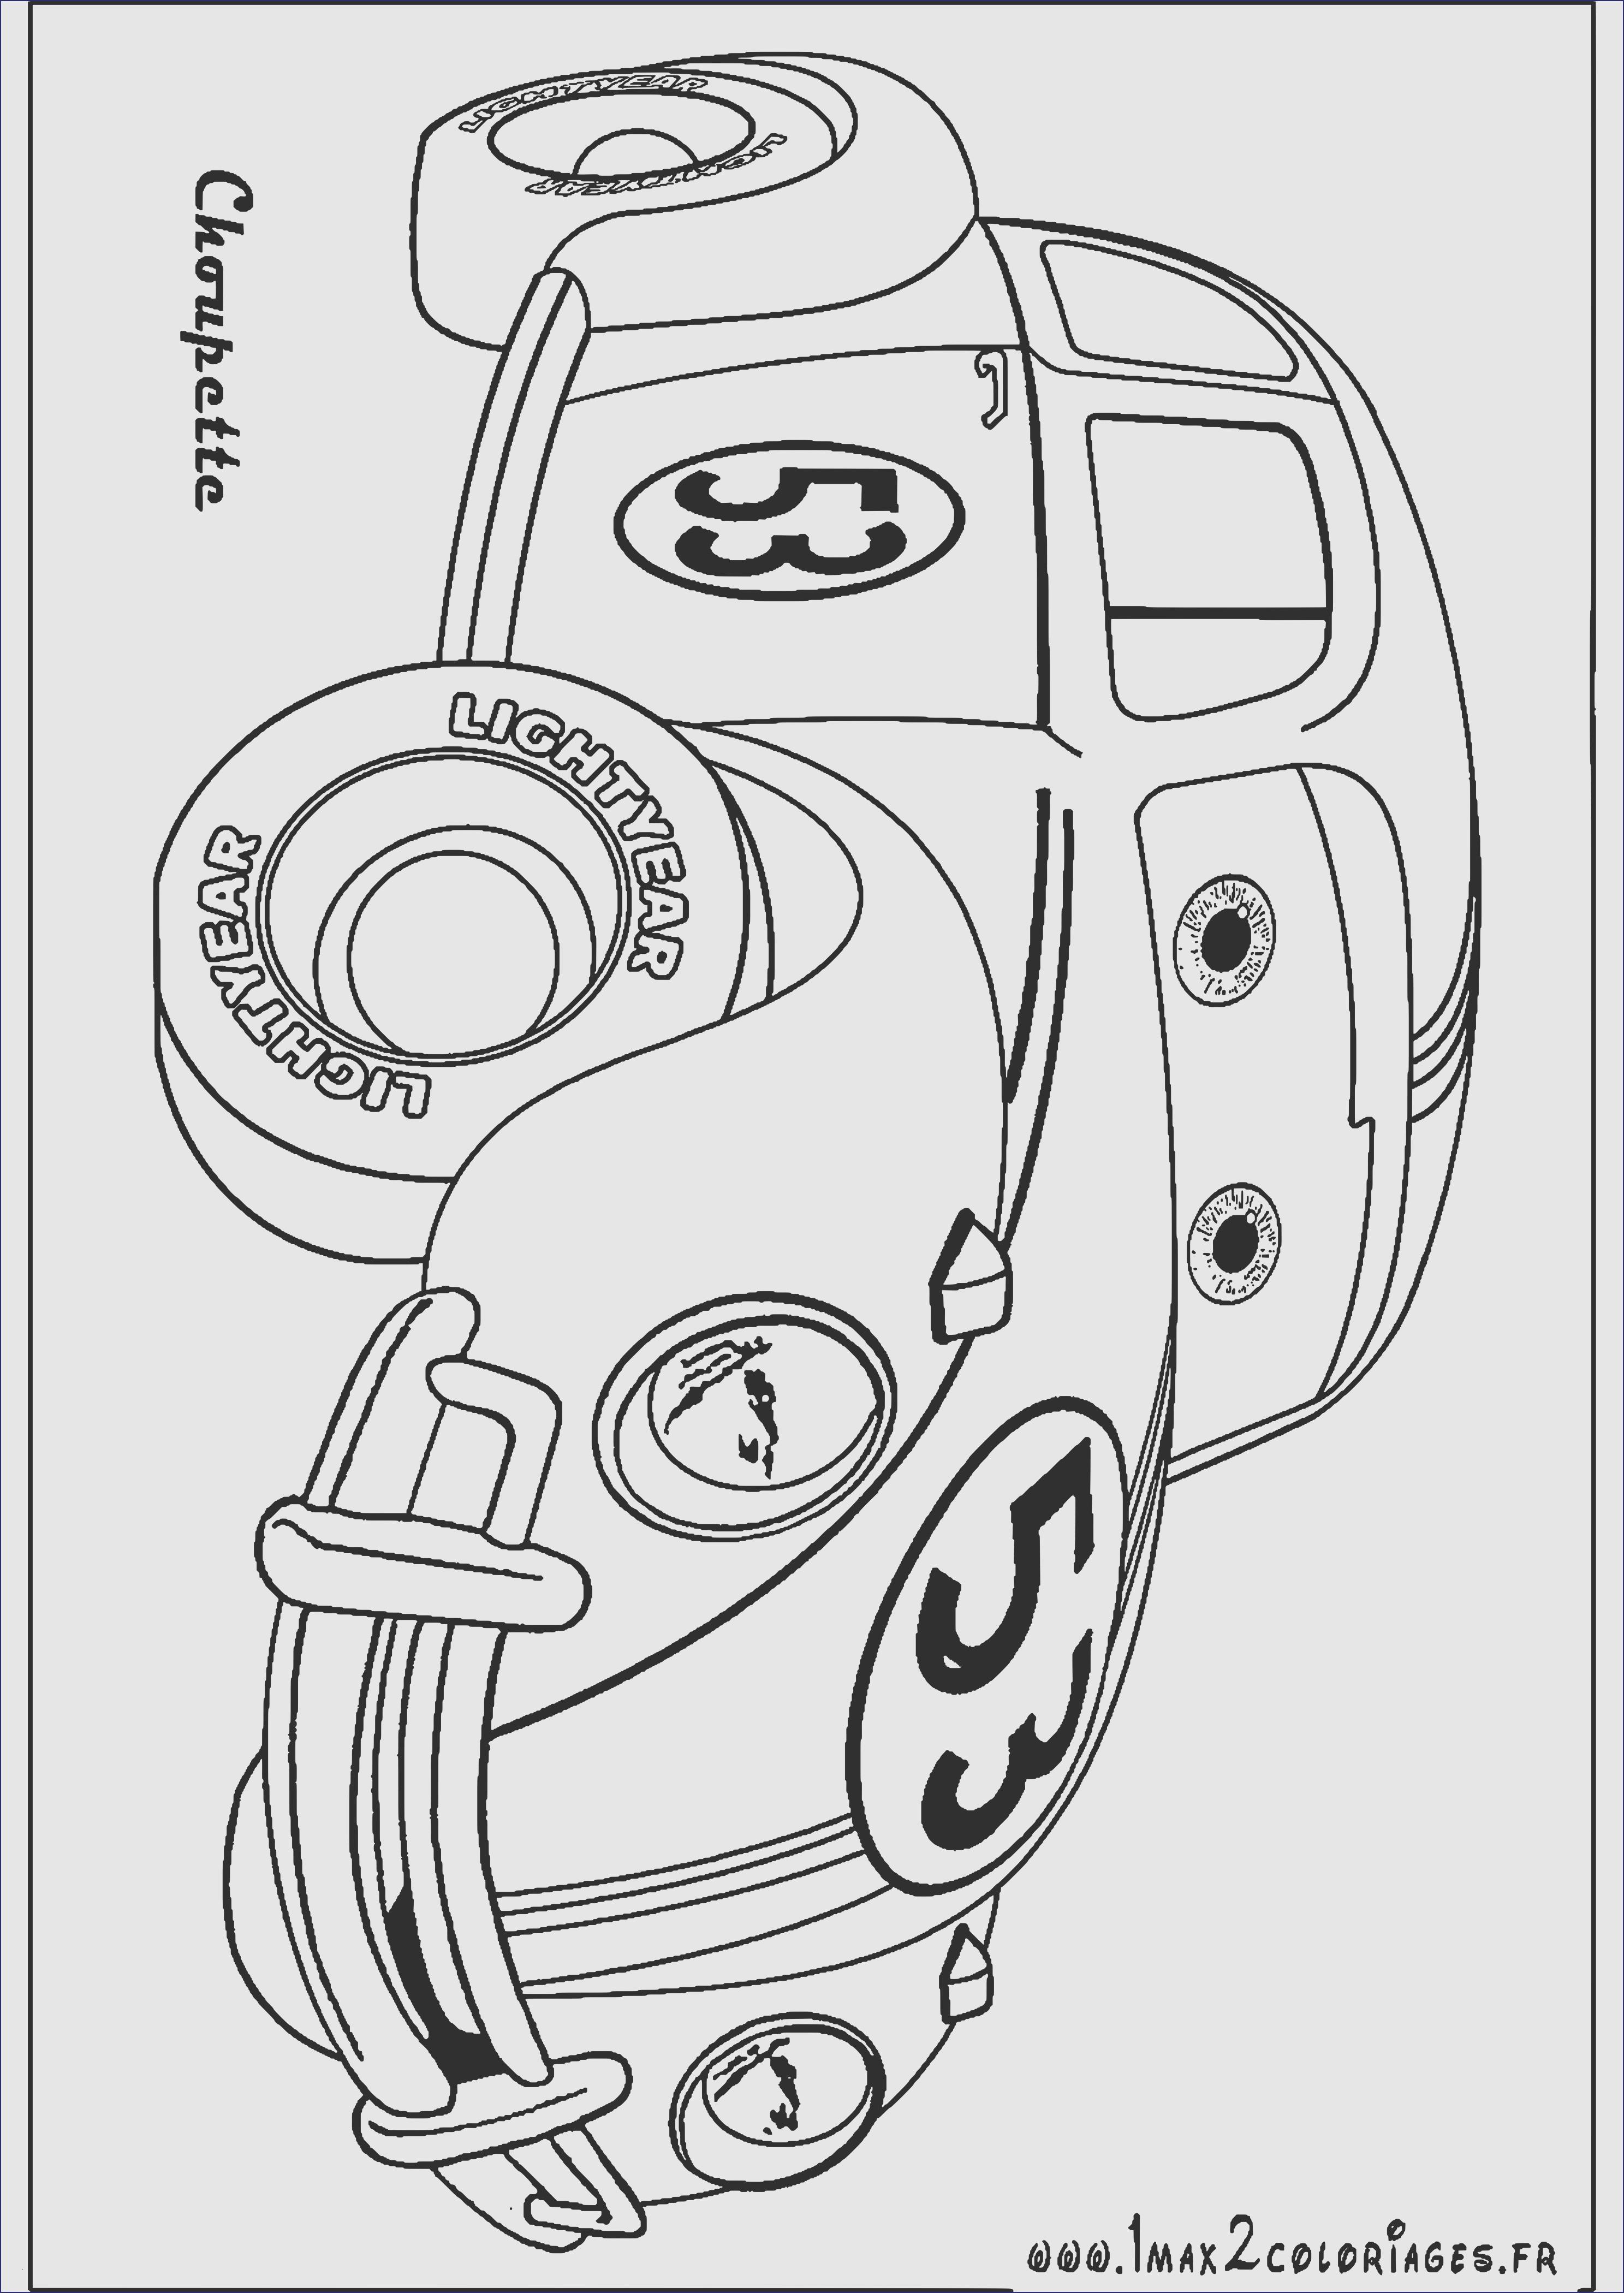 Ausmalbilder Verkehrserziehung  93 Frisch Verkehrserziehung Kindergarten Ausmalbilder